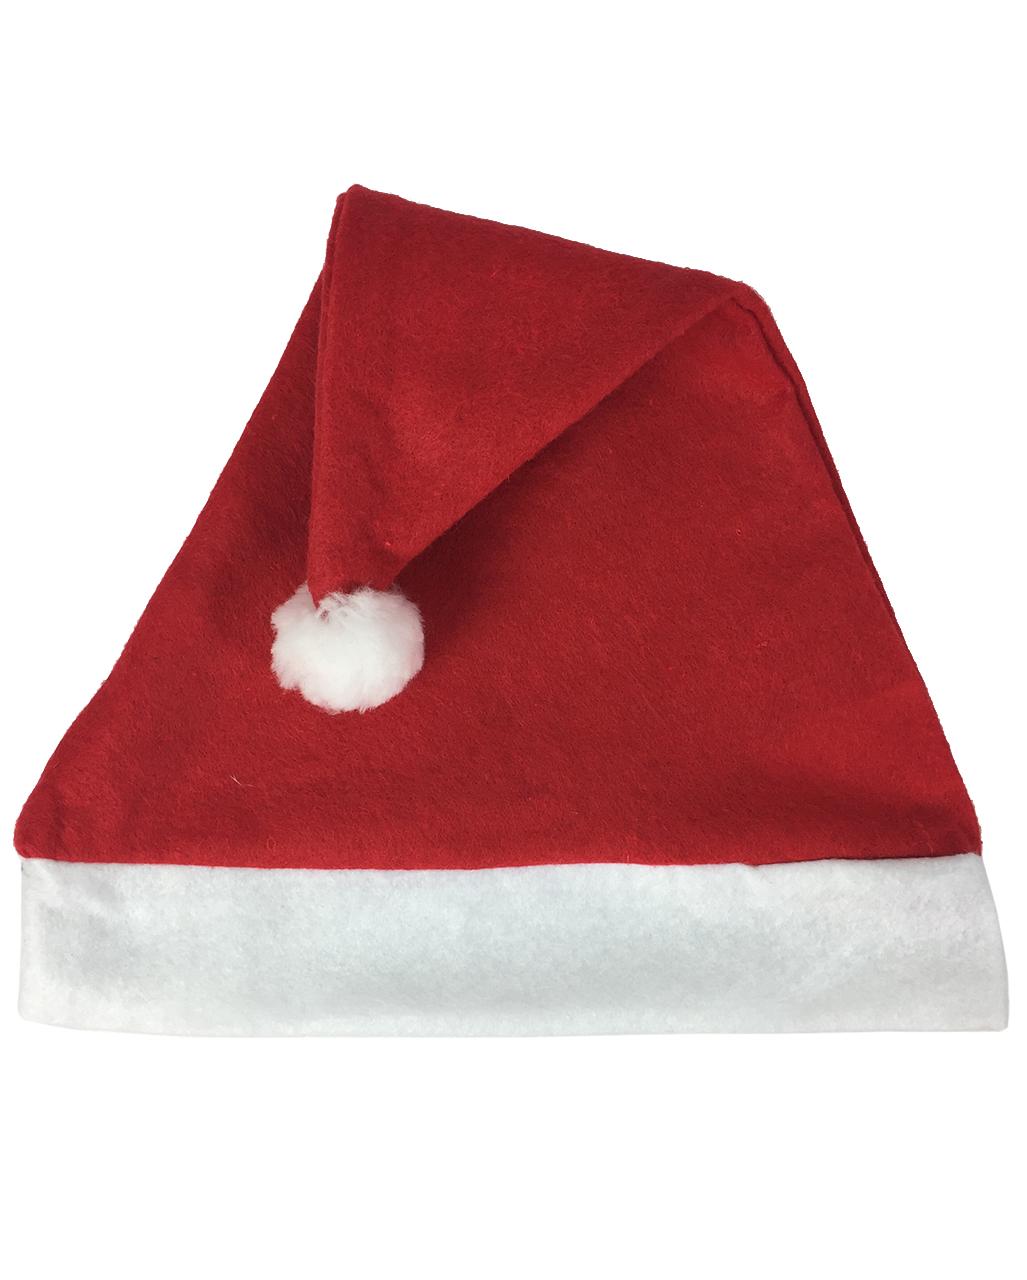 861c56a4485c92 Santa Claus hat Economy | Santa Hat of red felt | horror-shop.com